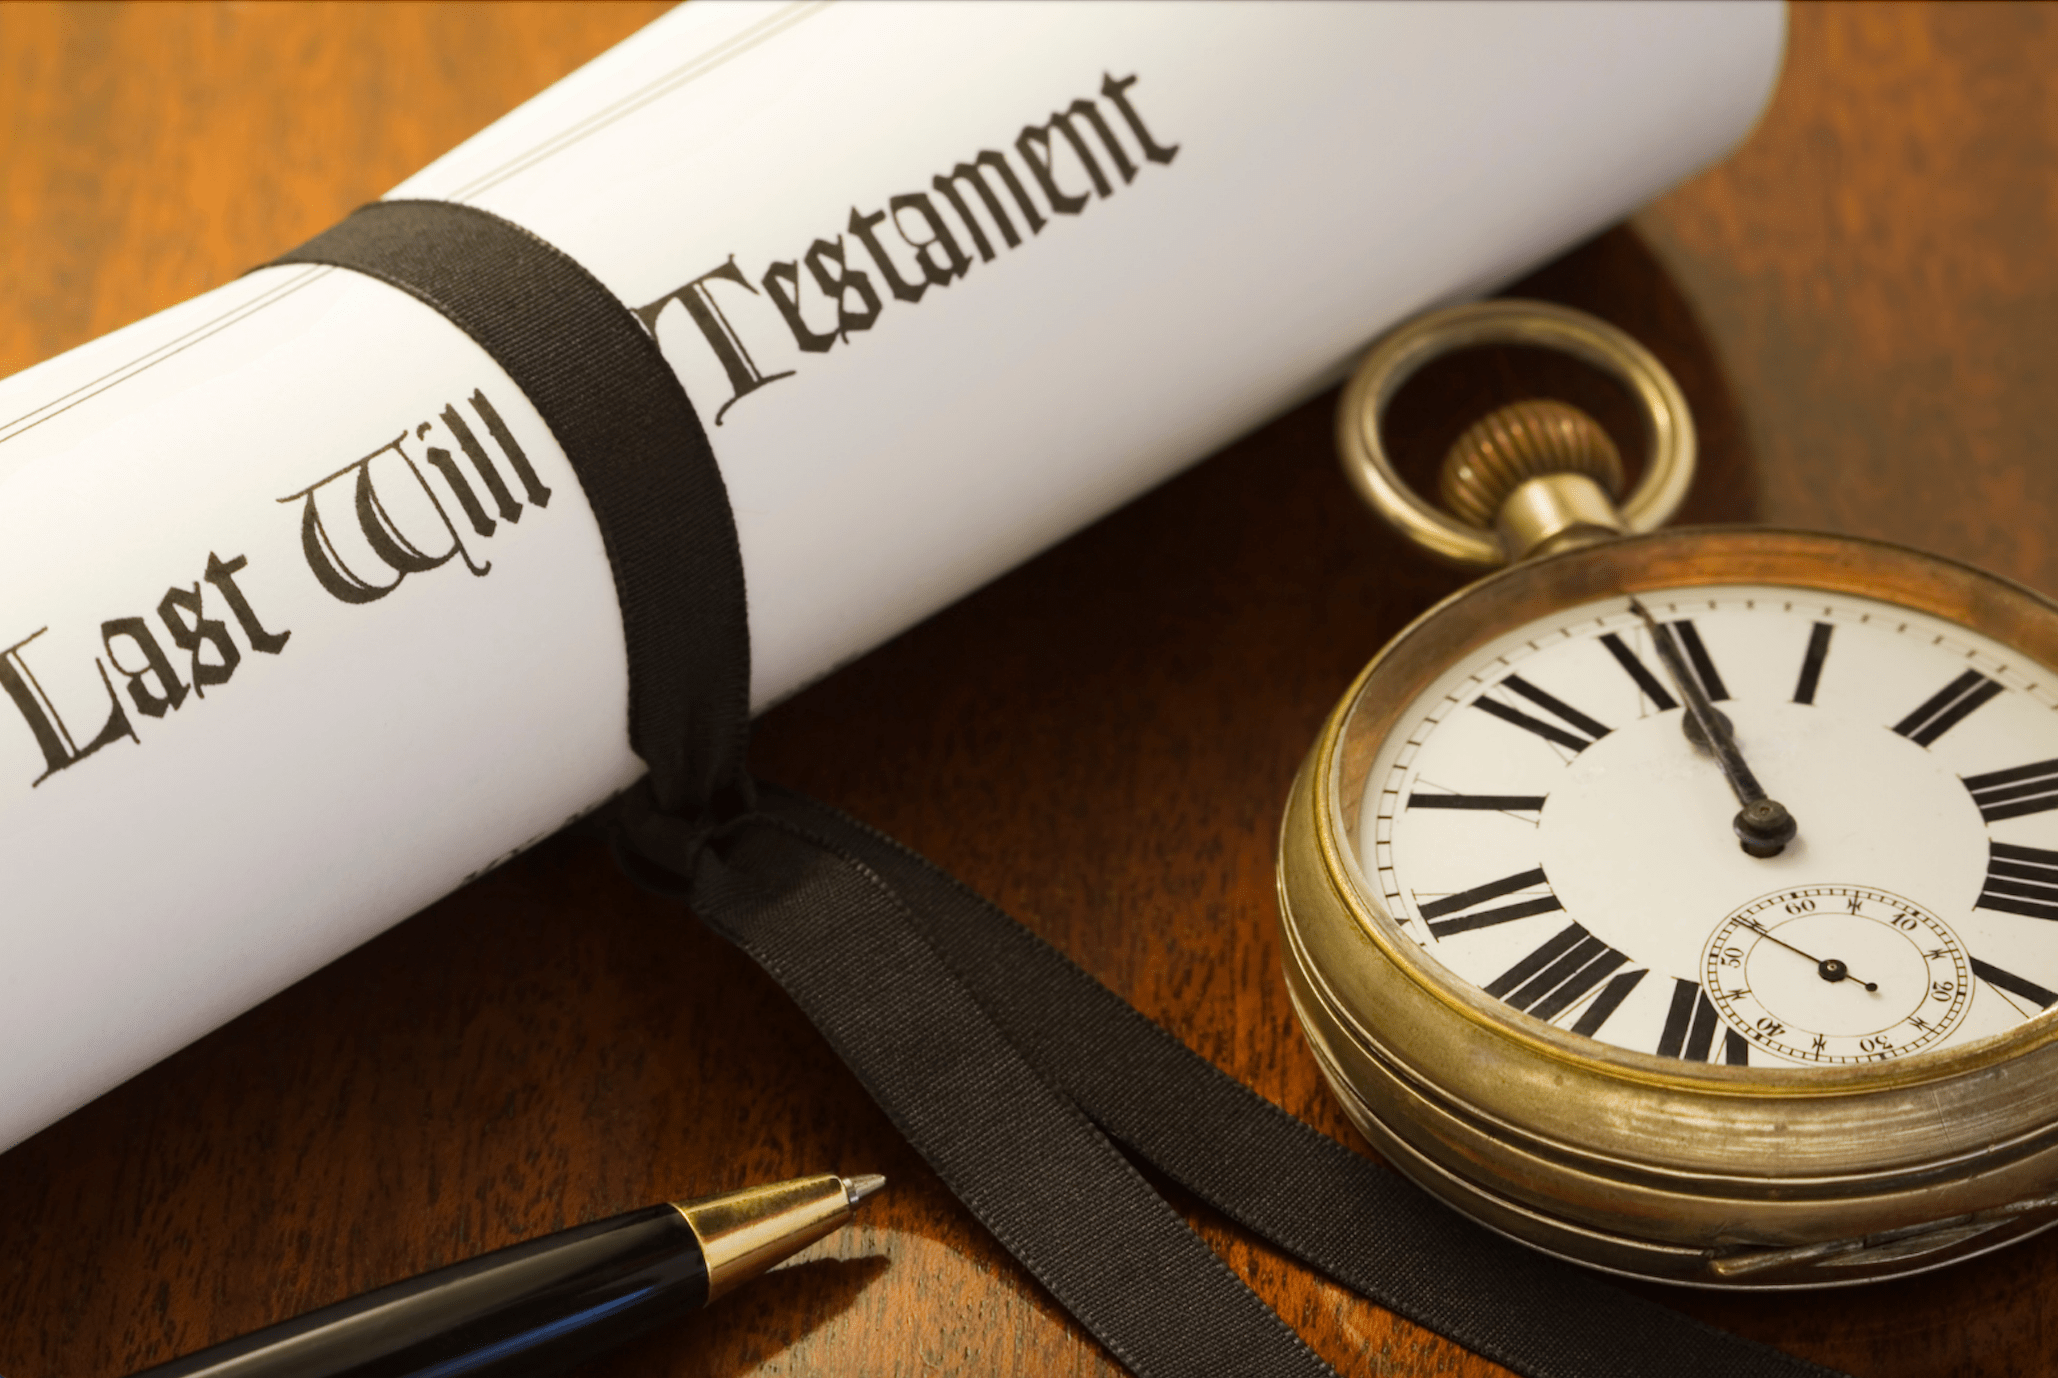 Le spectre d'une succession ab intestat, ou l'importance d'avoir un testament